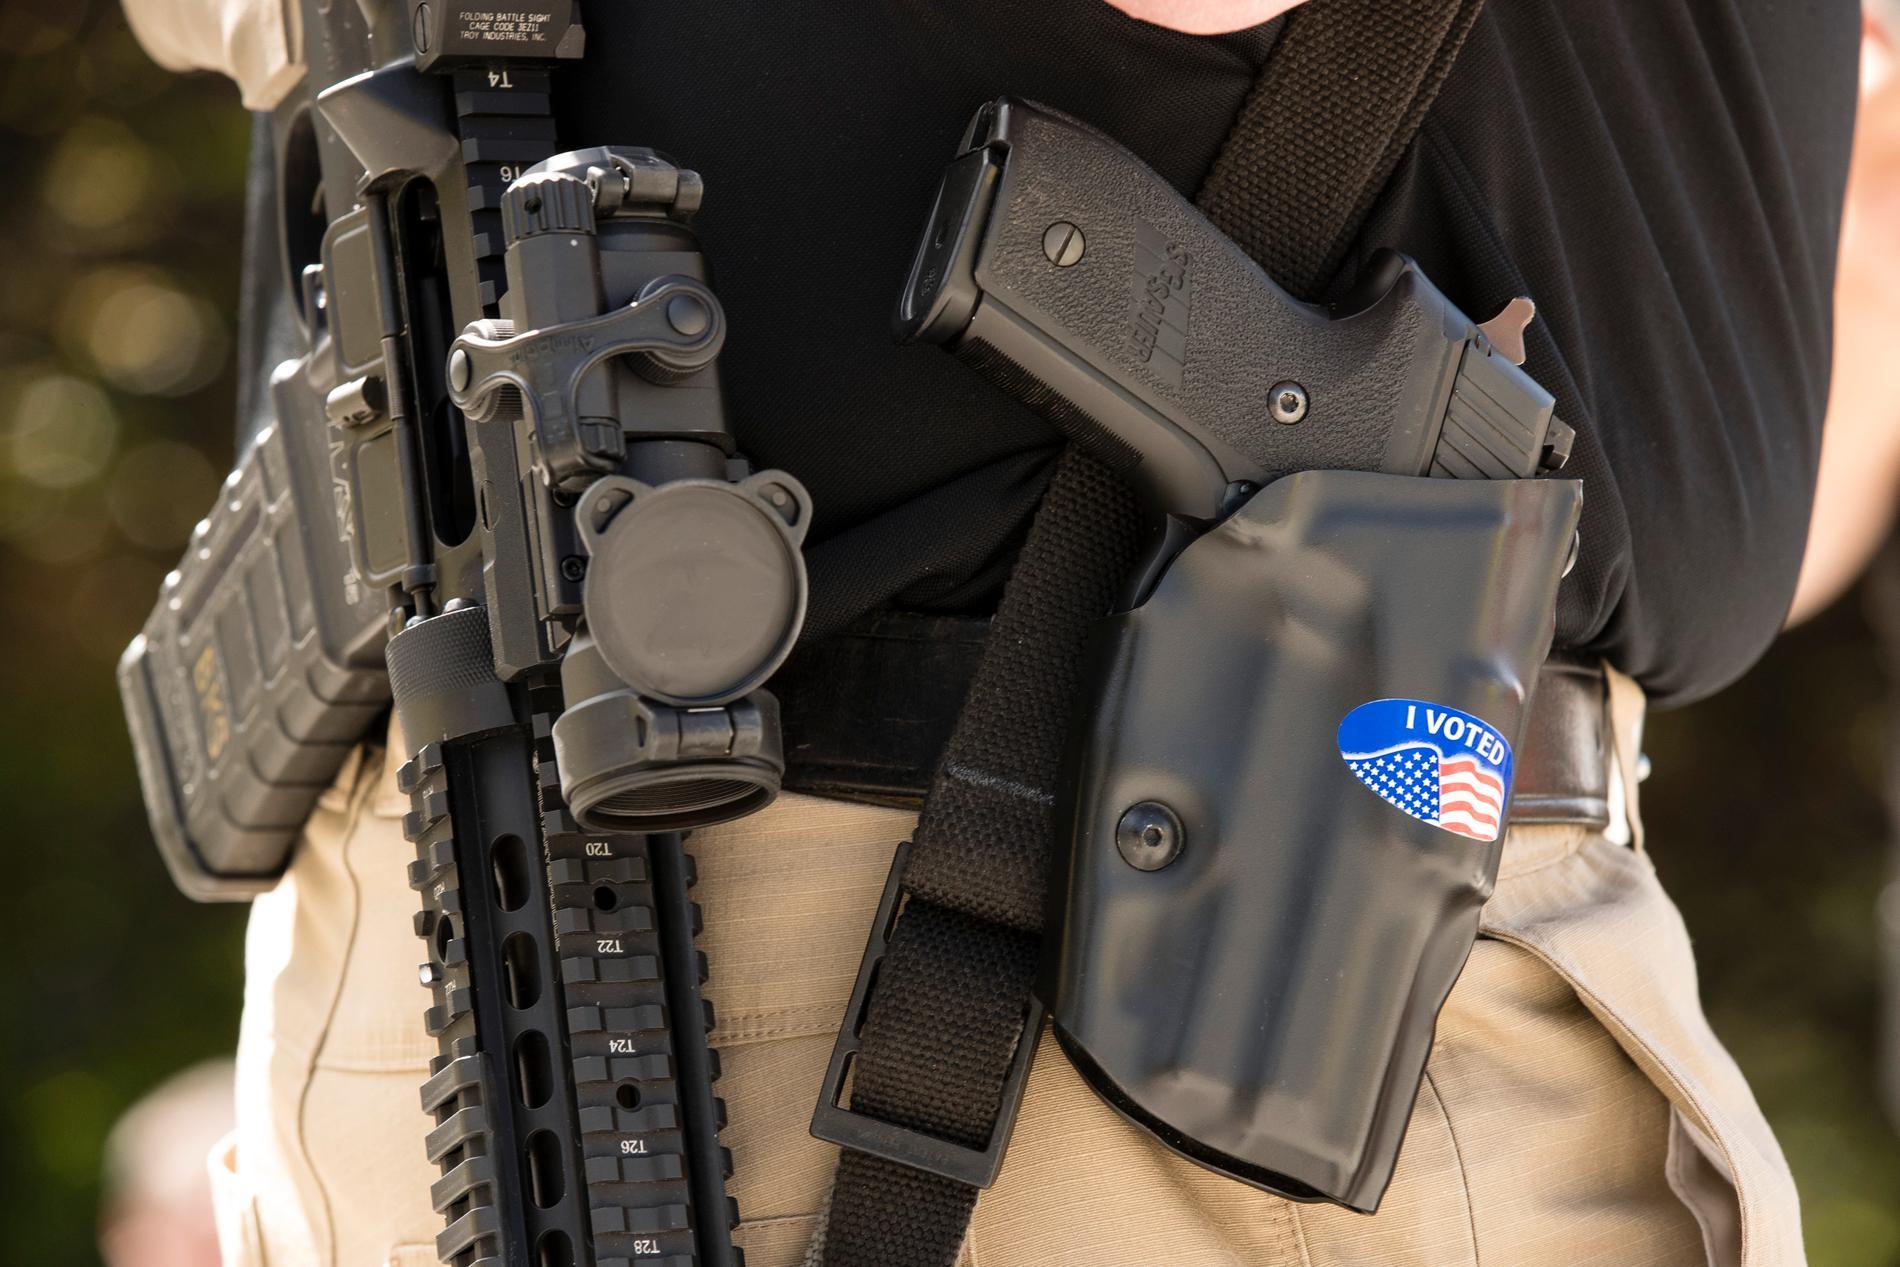 En tvåårig pojke i amerikanska Texas råkade skjuta sig själv. Vapnen på bilden hör inte ihop med dödsskjutningen. Arkivbild.